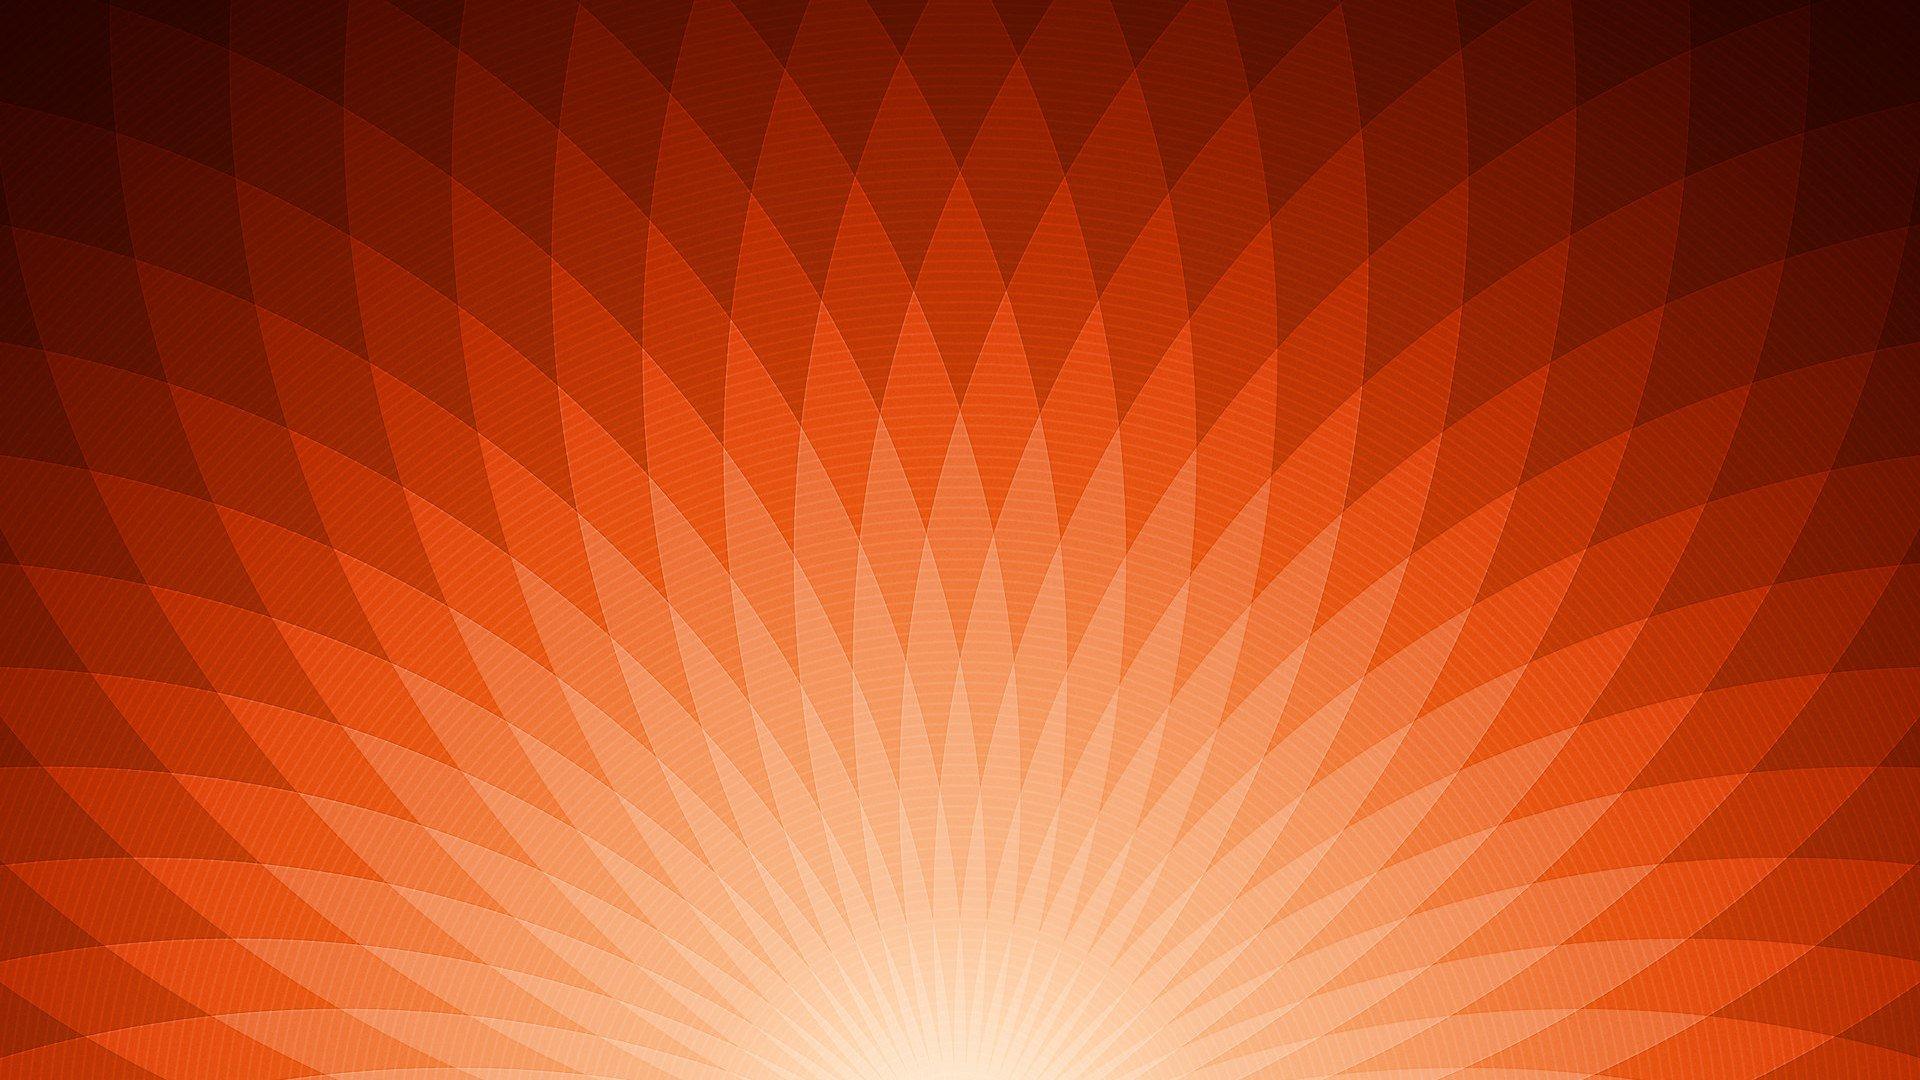 wwwintrawallpapercom Background page 1 1920x1080